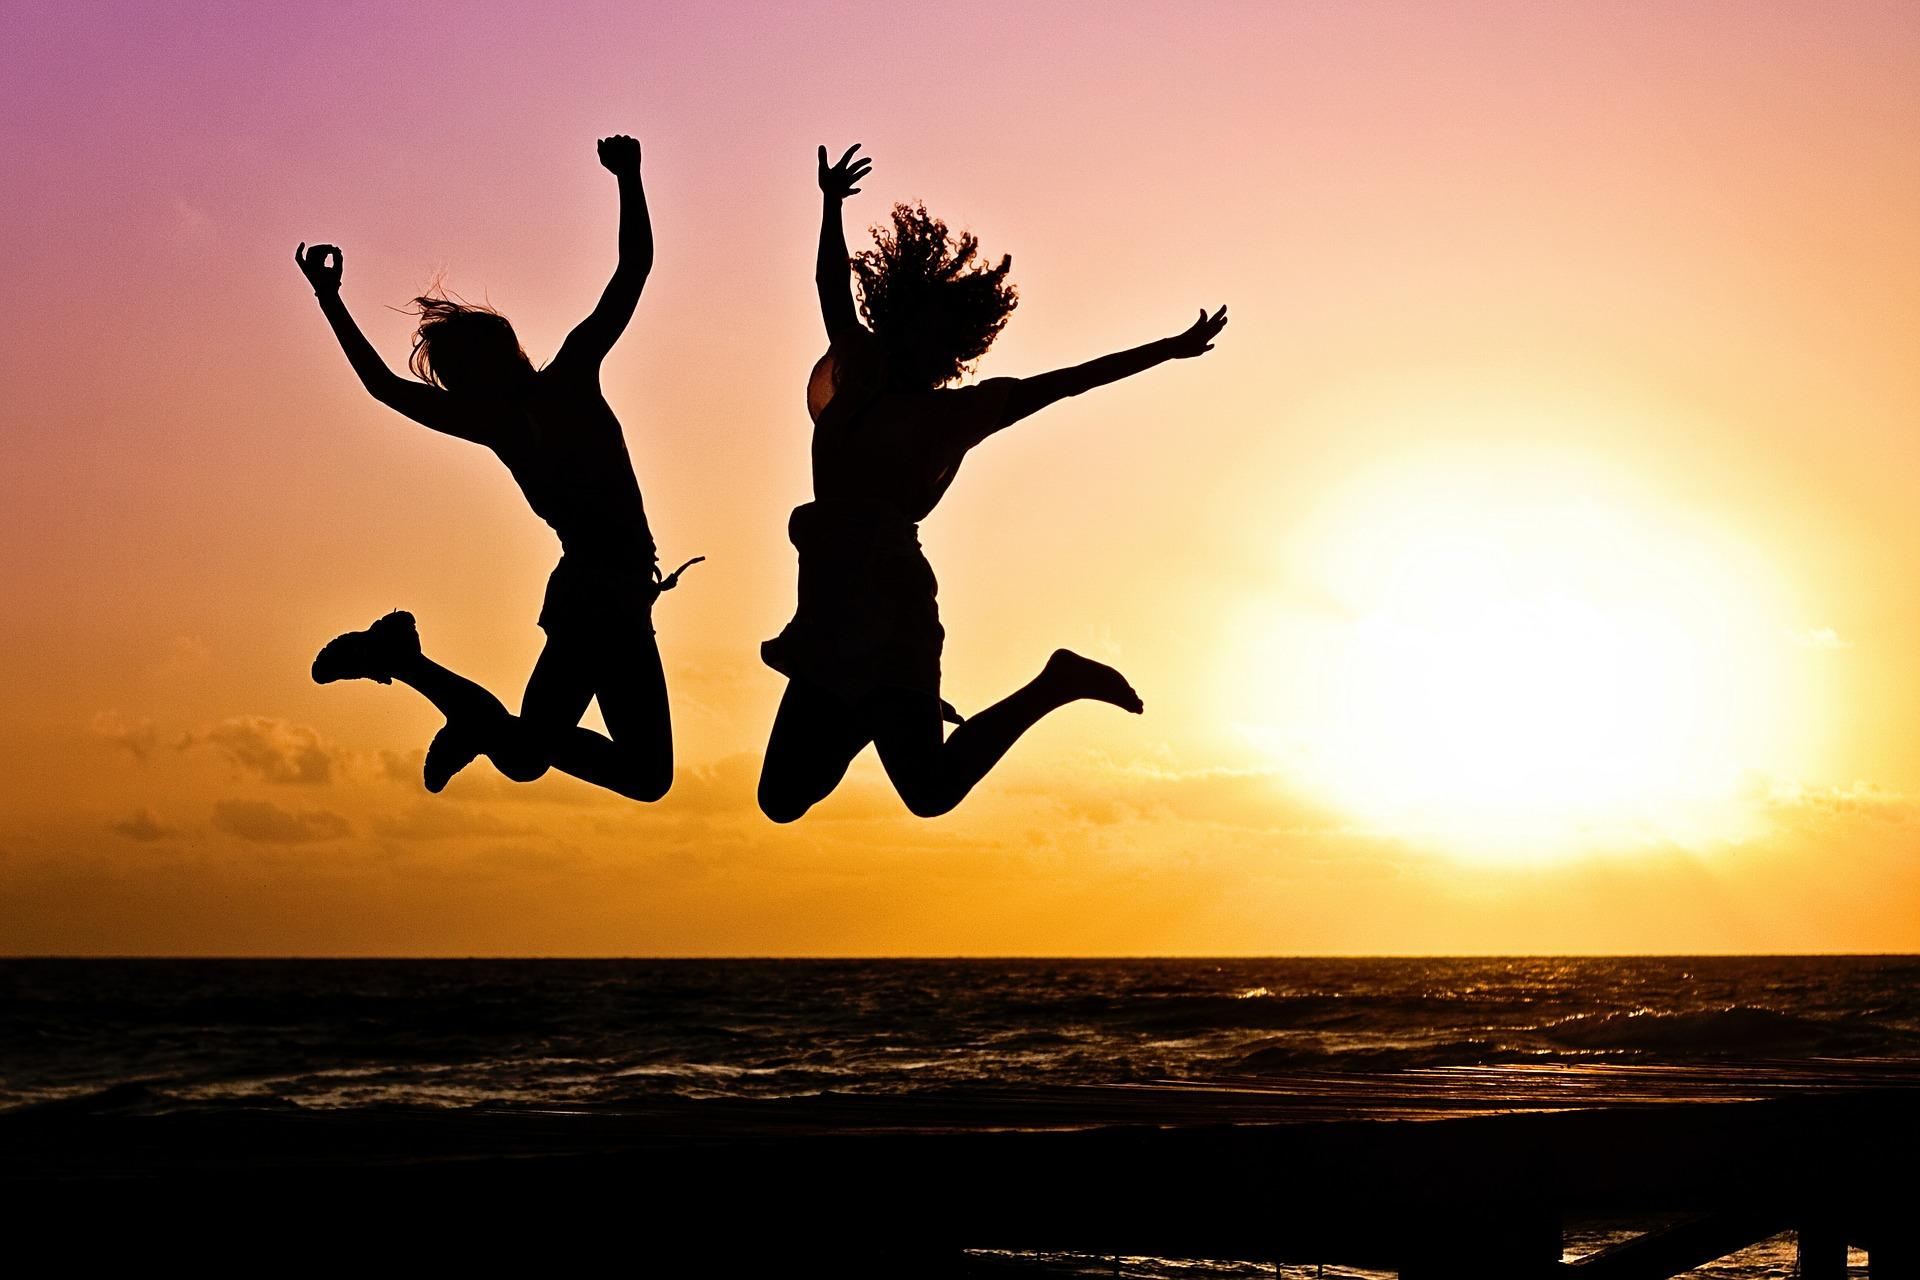 「成功したら幸福になれる」のではなく「幸福になれば成功する」という事実。